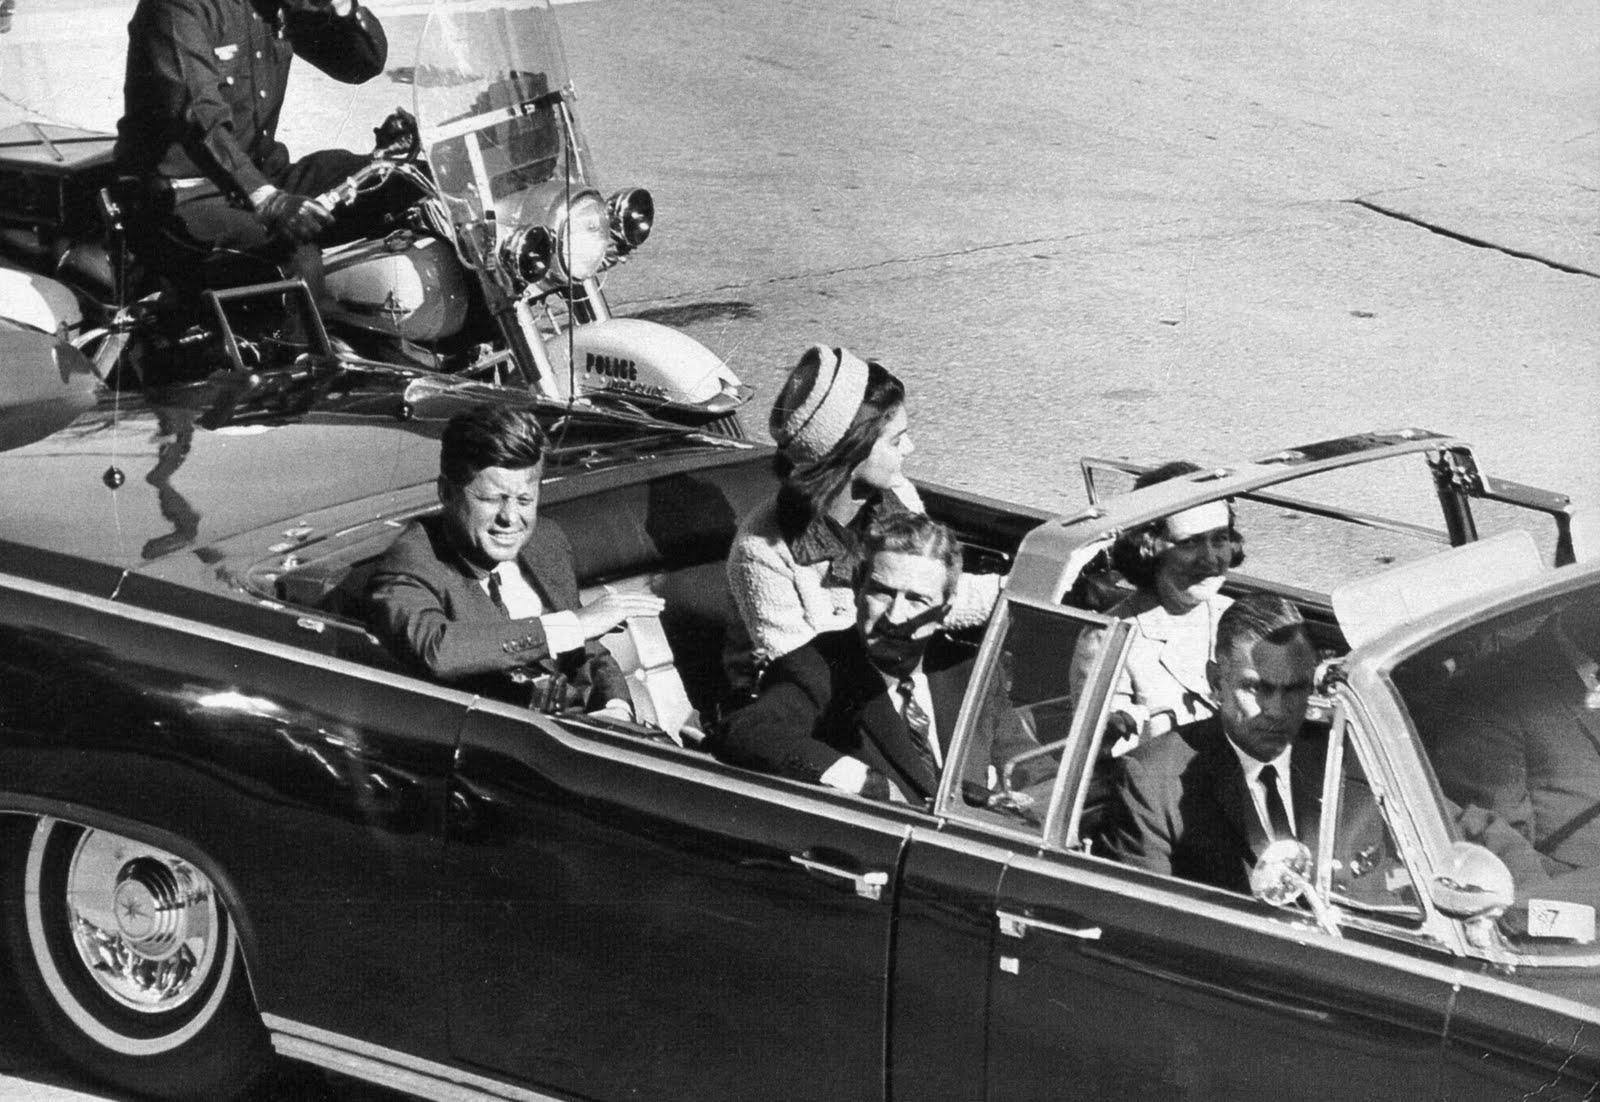 President John F. Kennedy in motorcade November 22 1963